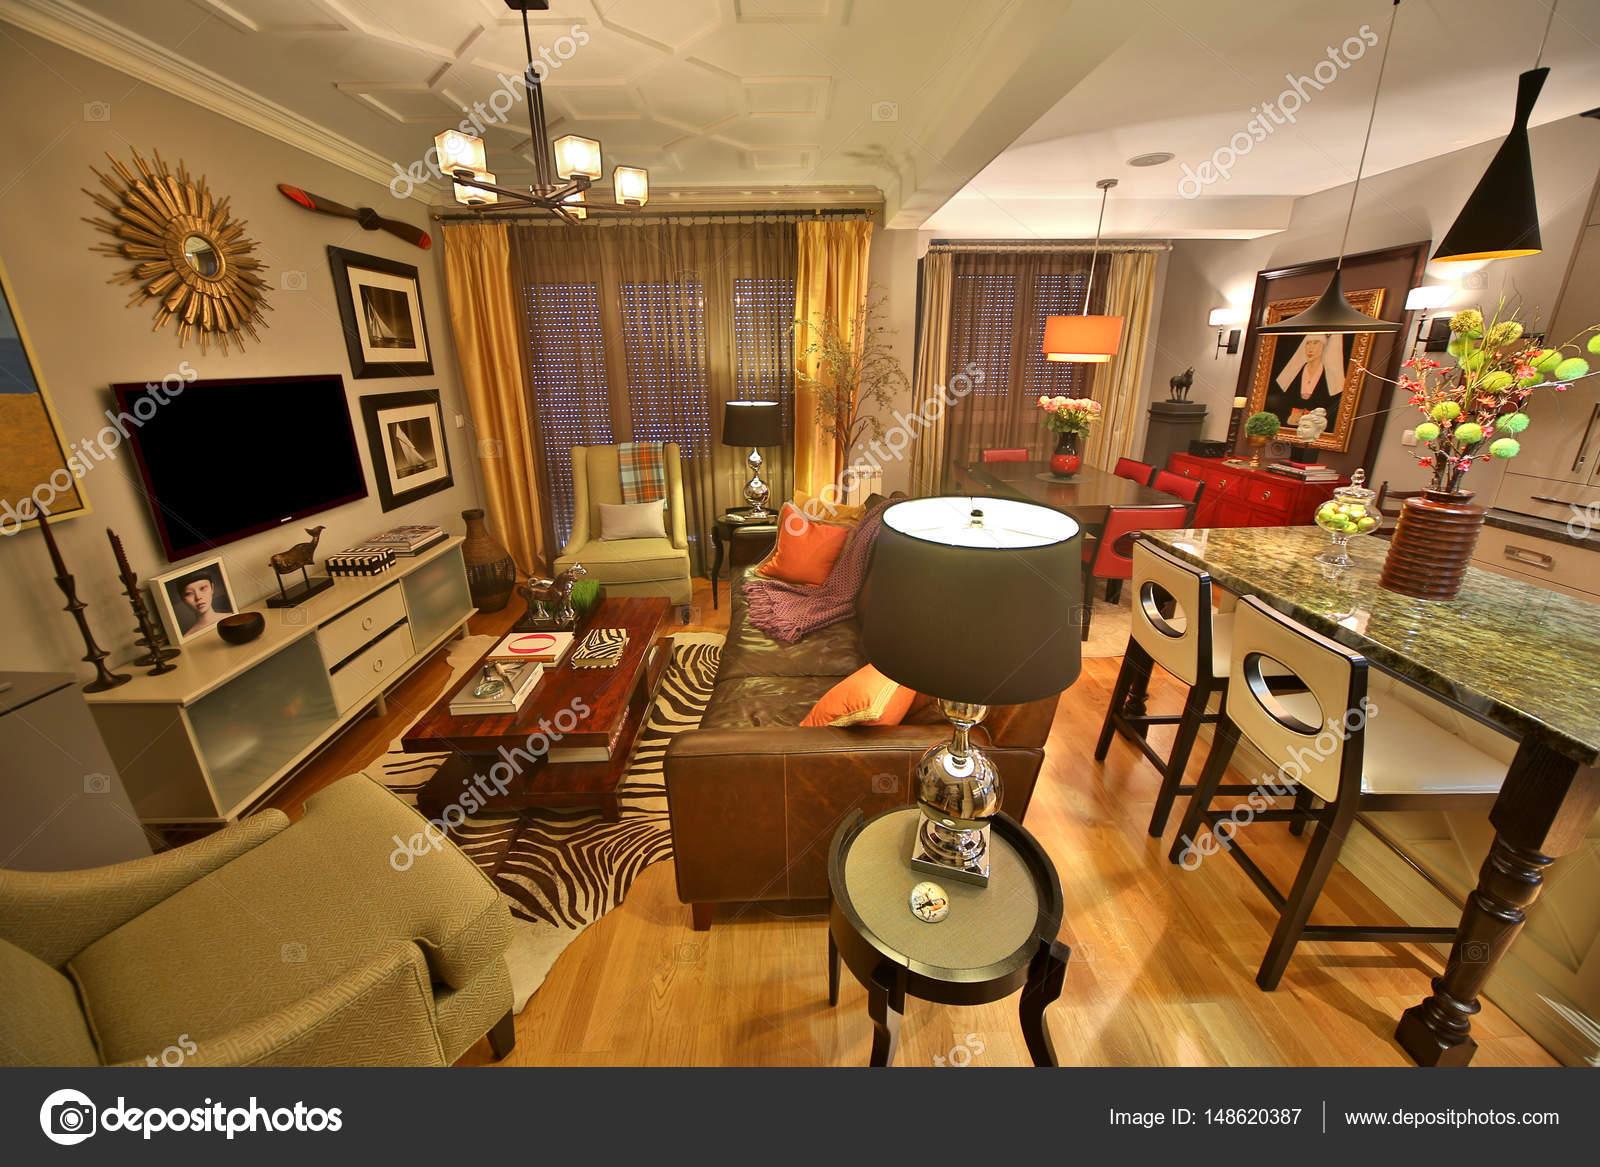 Wohnzimmer Luxus U2014 Stockfoto. Belgrad, Serbien   14. März 2015: Detail Der  Luxuriösen Einrichtung Der Wohnung U2014 Foto Von Boggy22